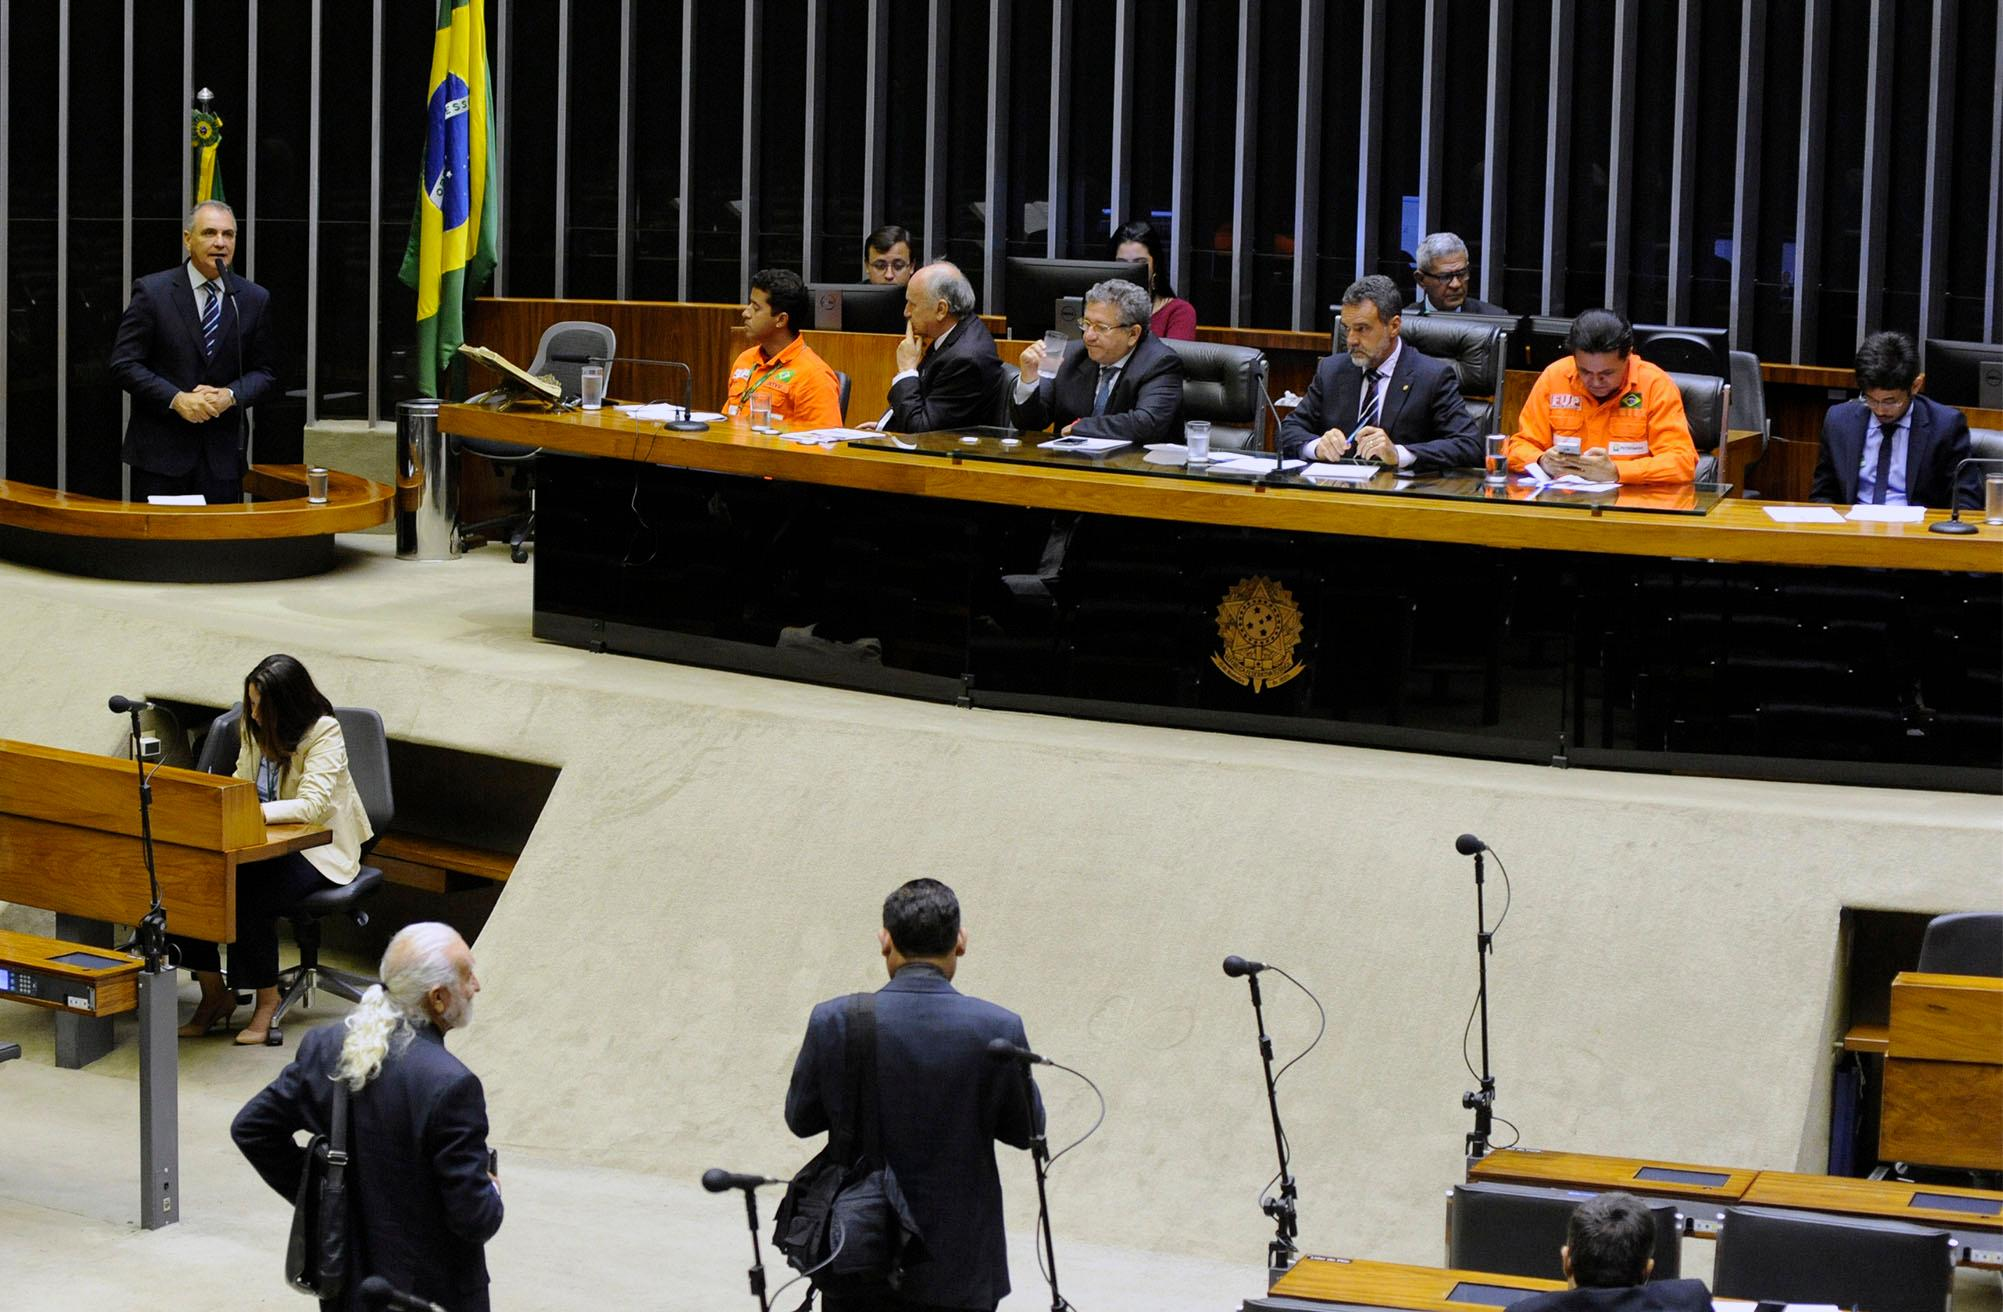 Comissão Geral sobre os impactos dos desinvestimentos da Petrobrás na indústria nacional e as consequências na economia da Bahia e de Sergipe